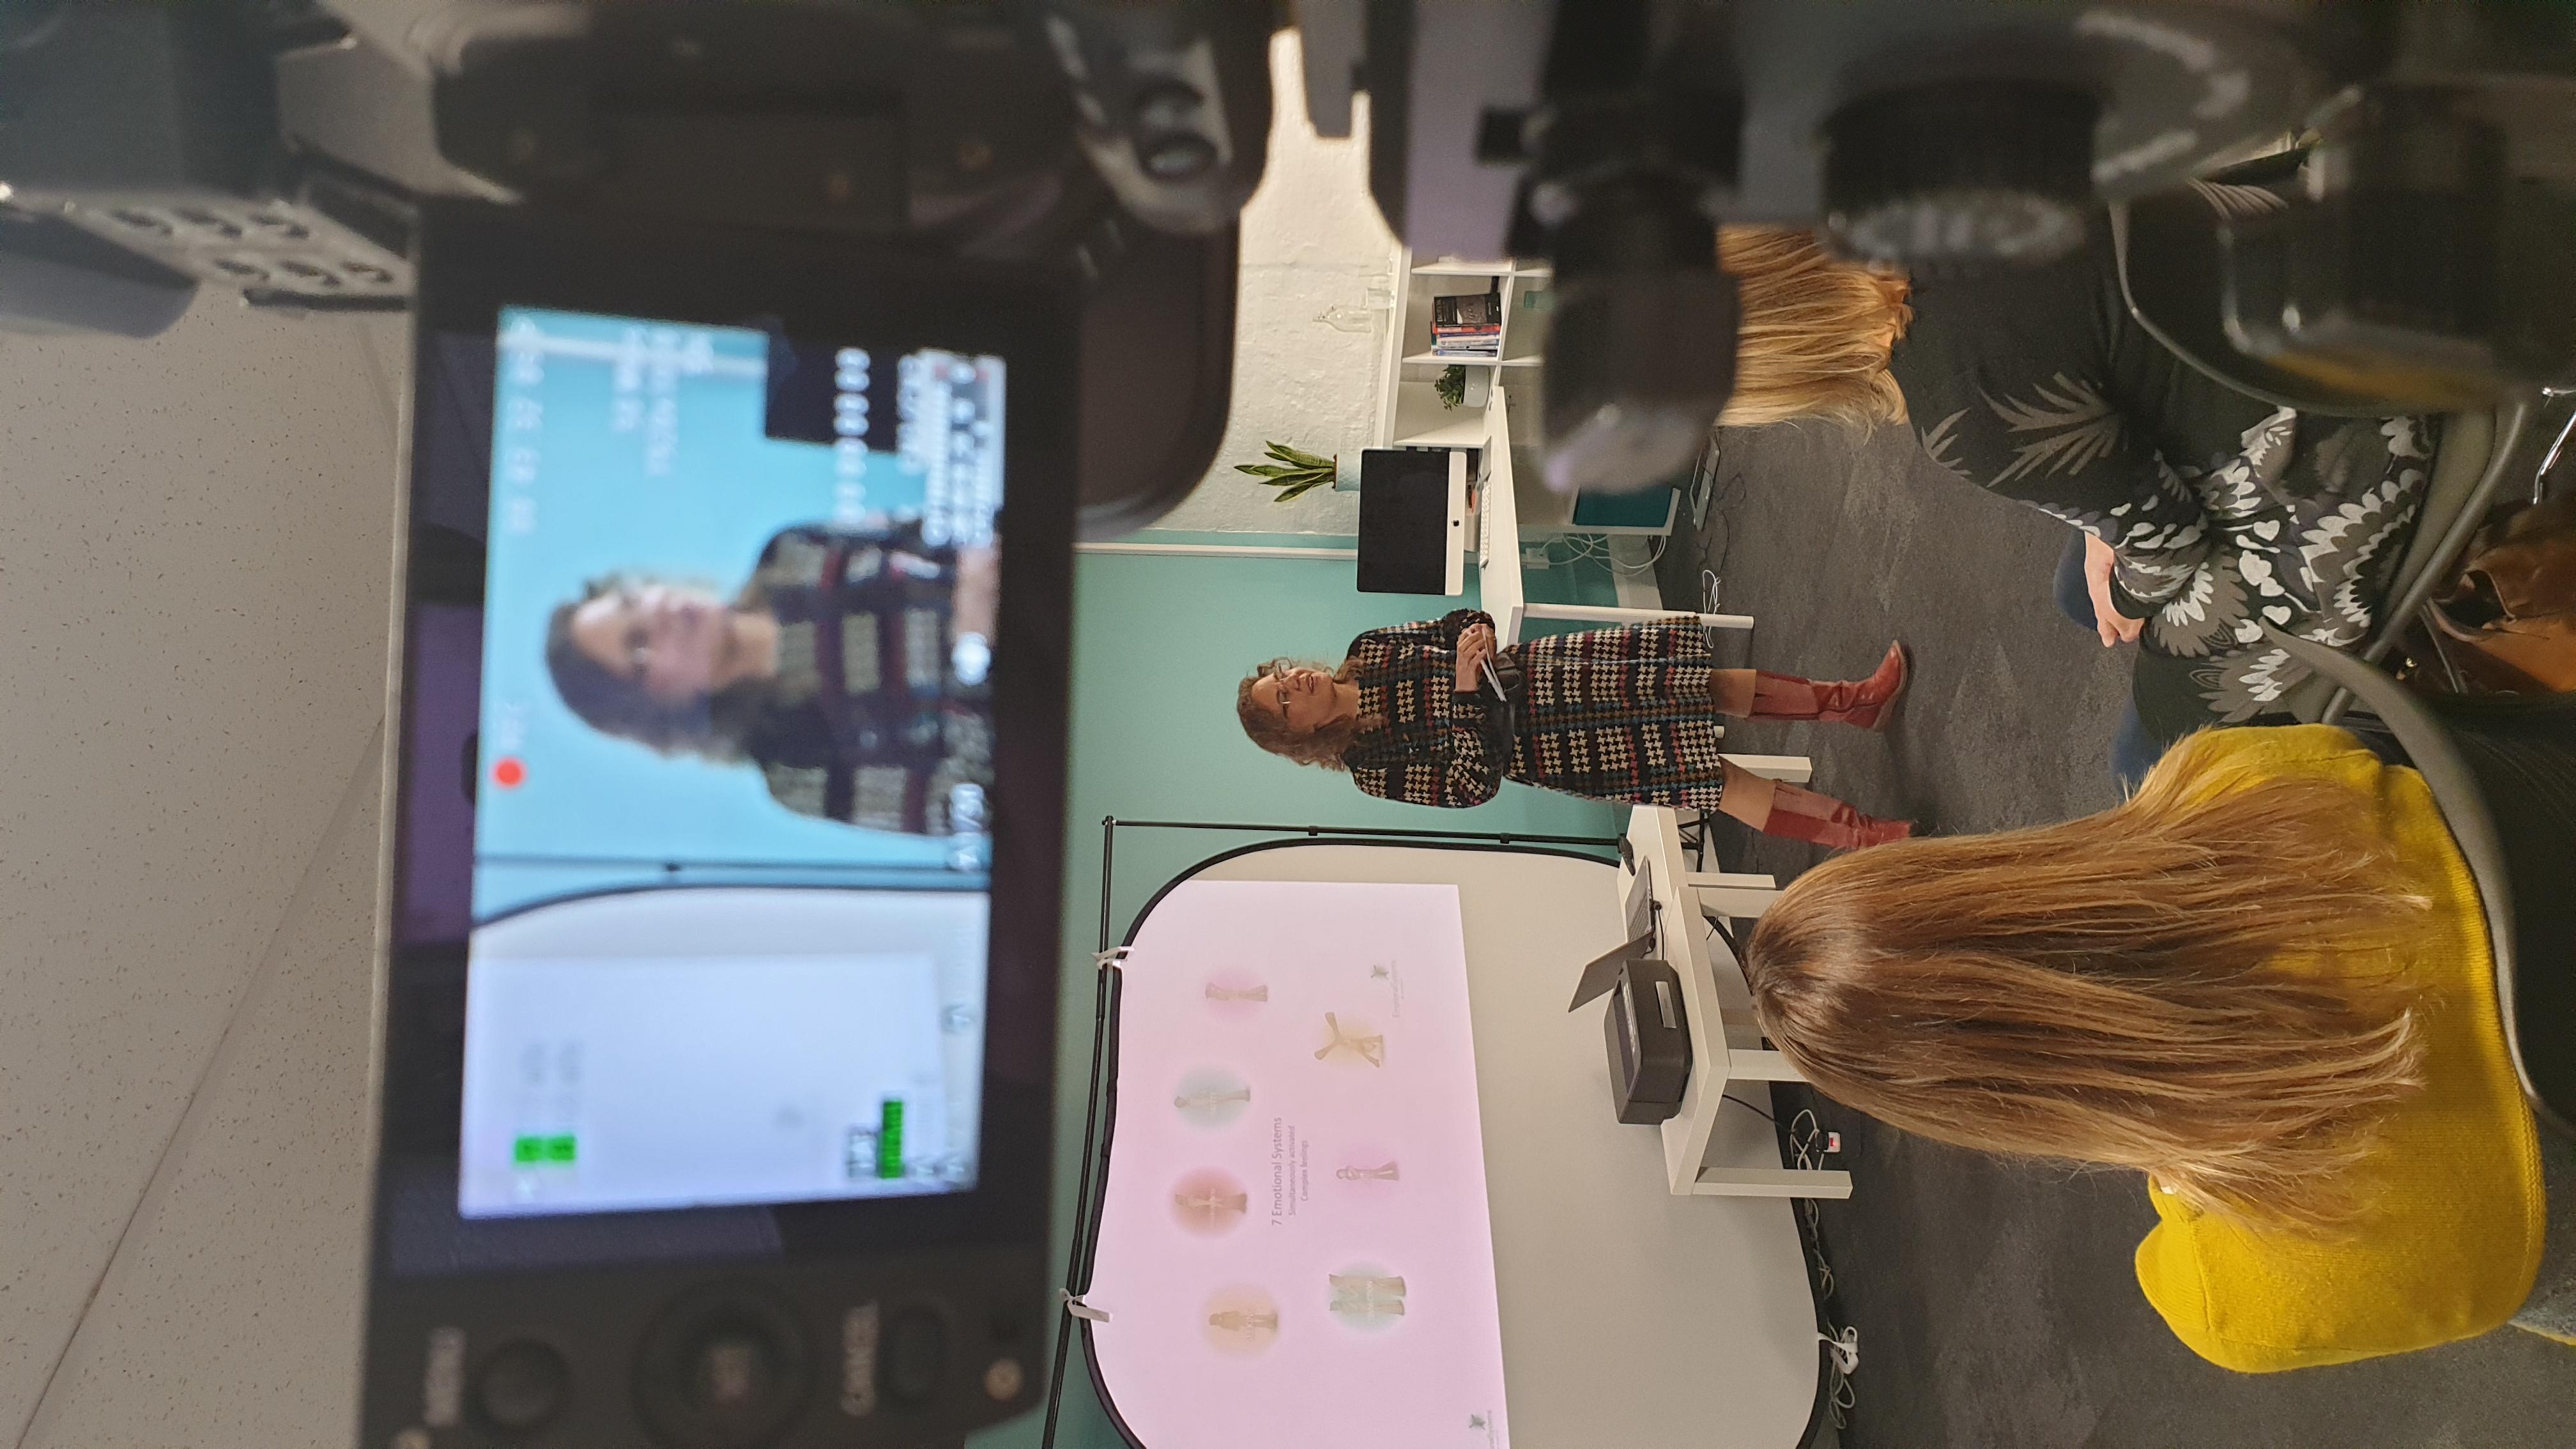 Dr Jessica Bolton in live workshop being filmed.